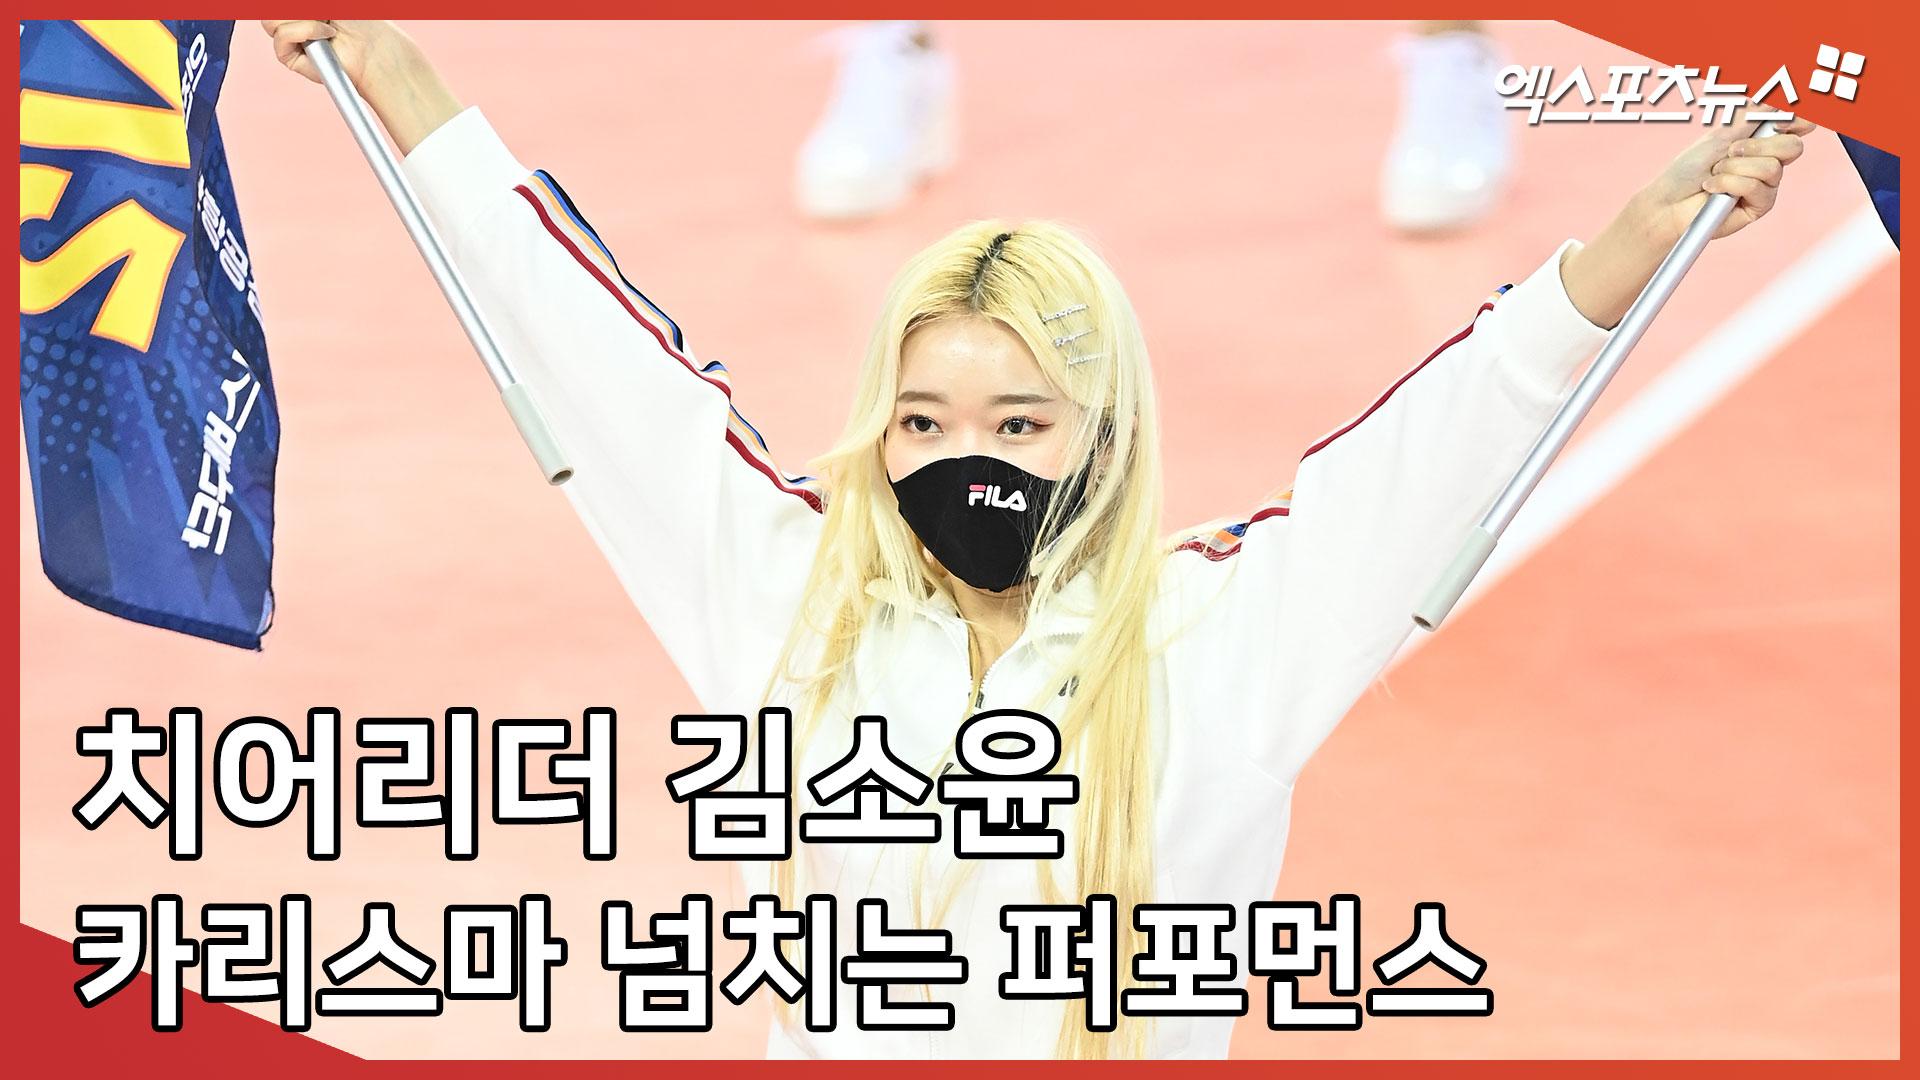 치어리더(Cheerleader) 김소윤 '카리스마 넘치는 퍼포먼스'[엑's 영상]